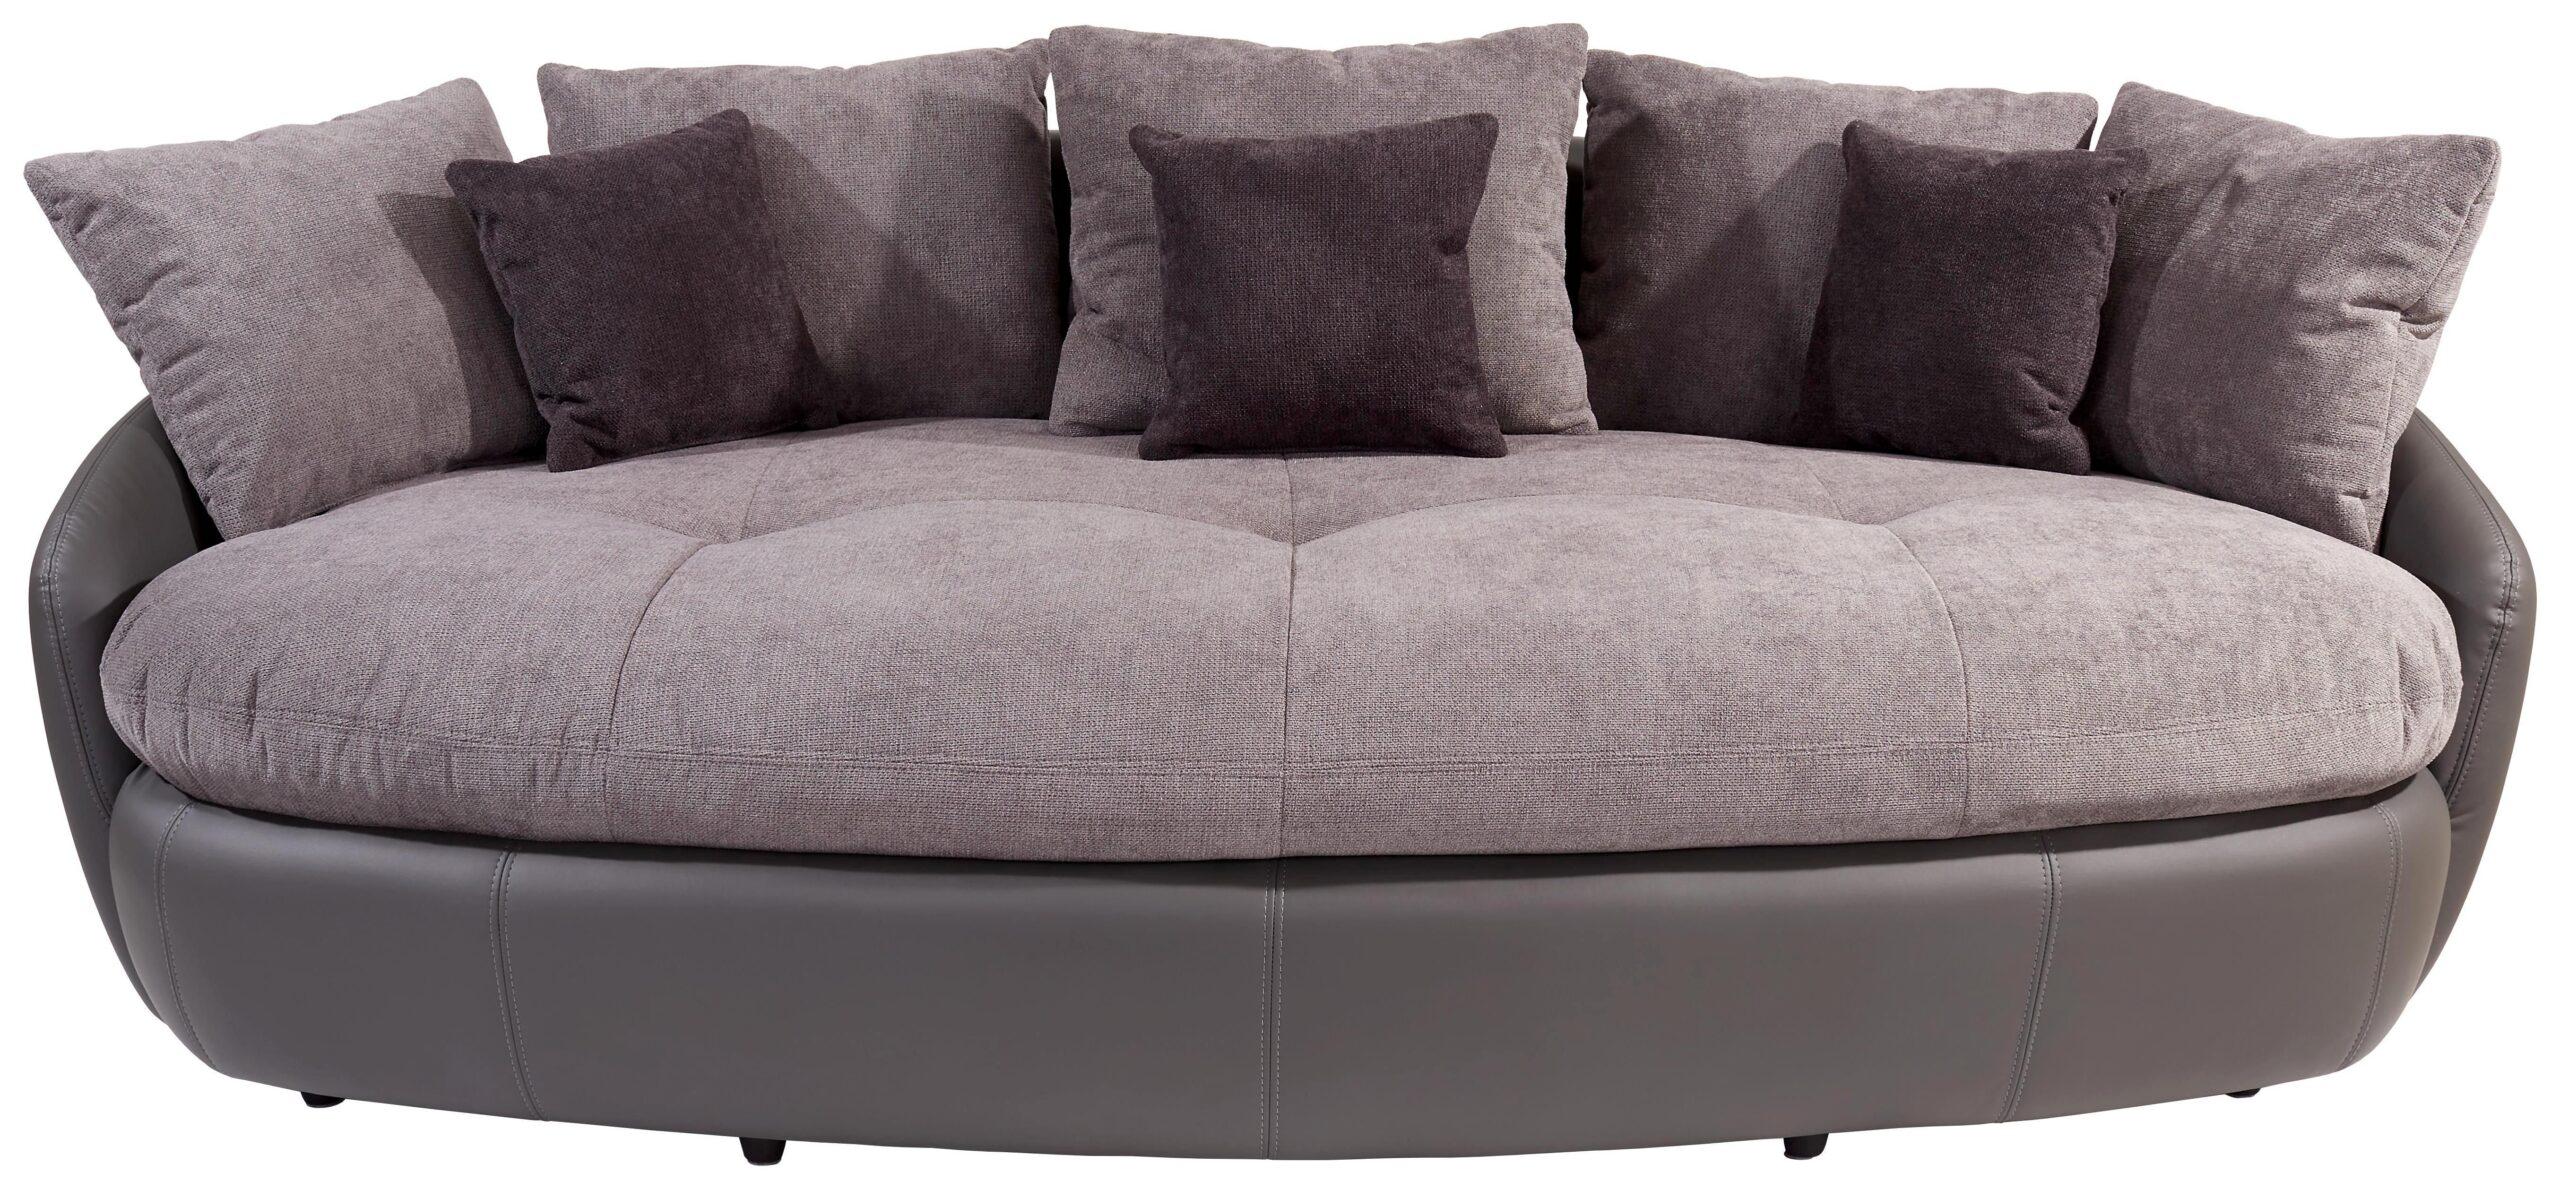 Full Size of Megasofa Aruba Ii 2 Divano Groe Couch Wohnzimmer Megasofa Aruba